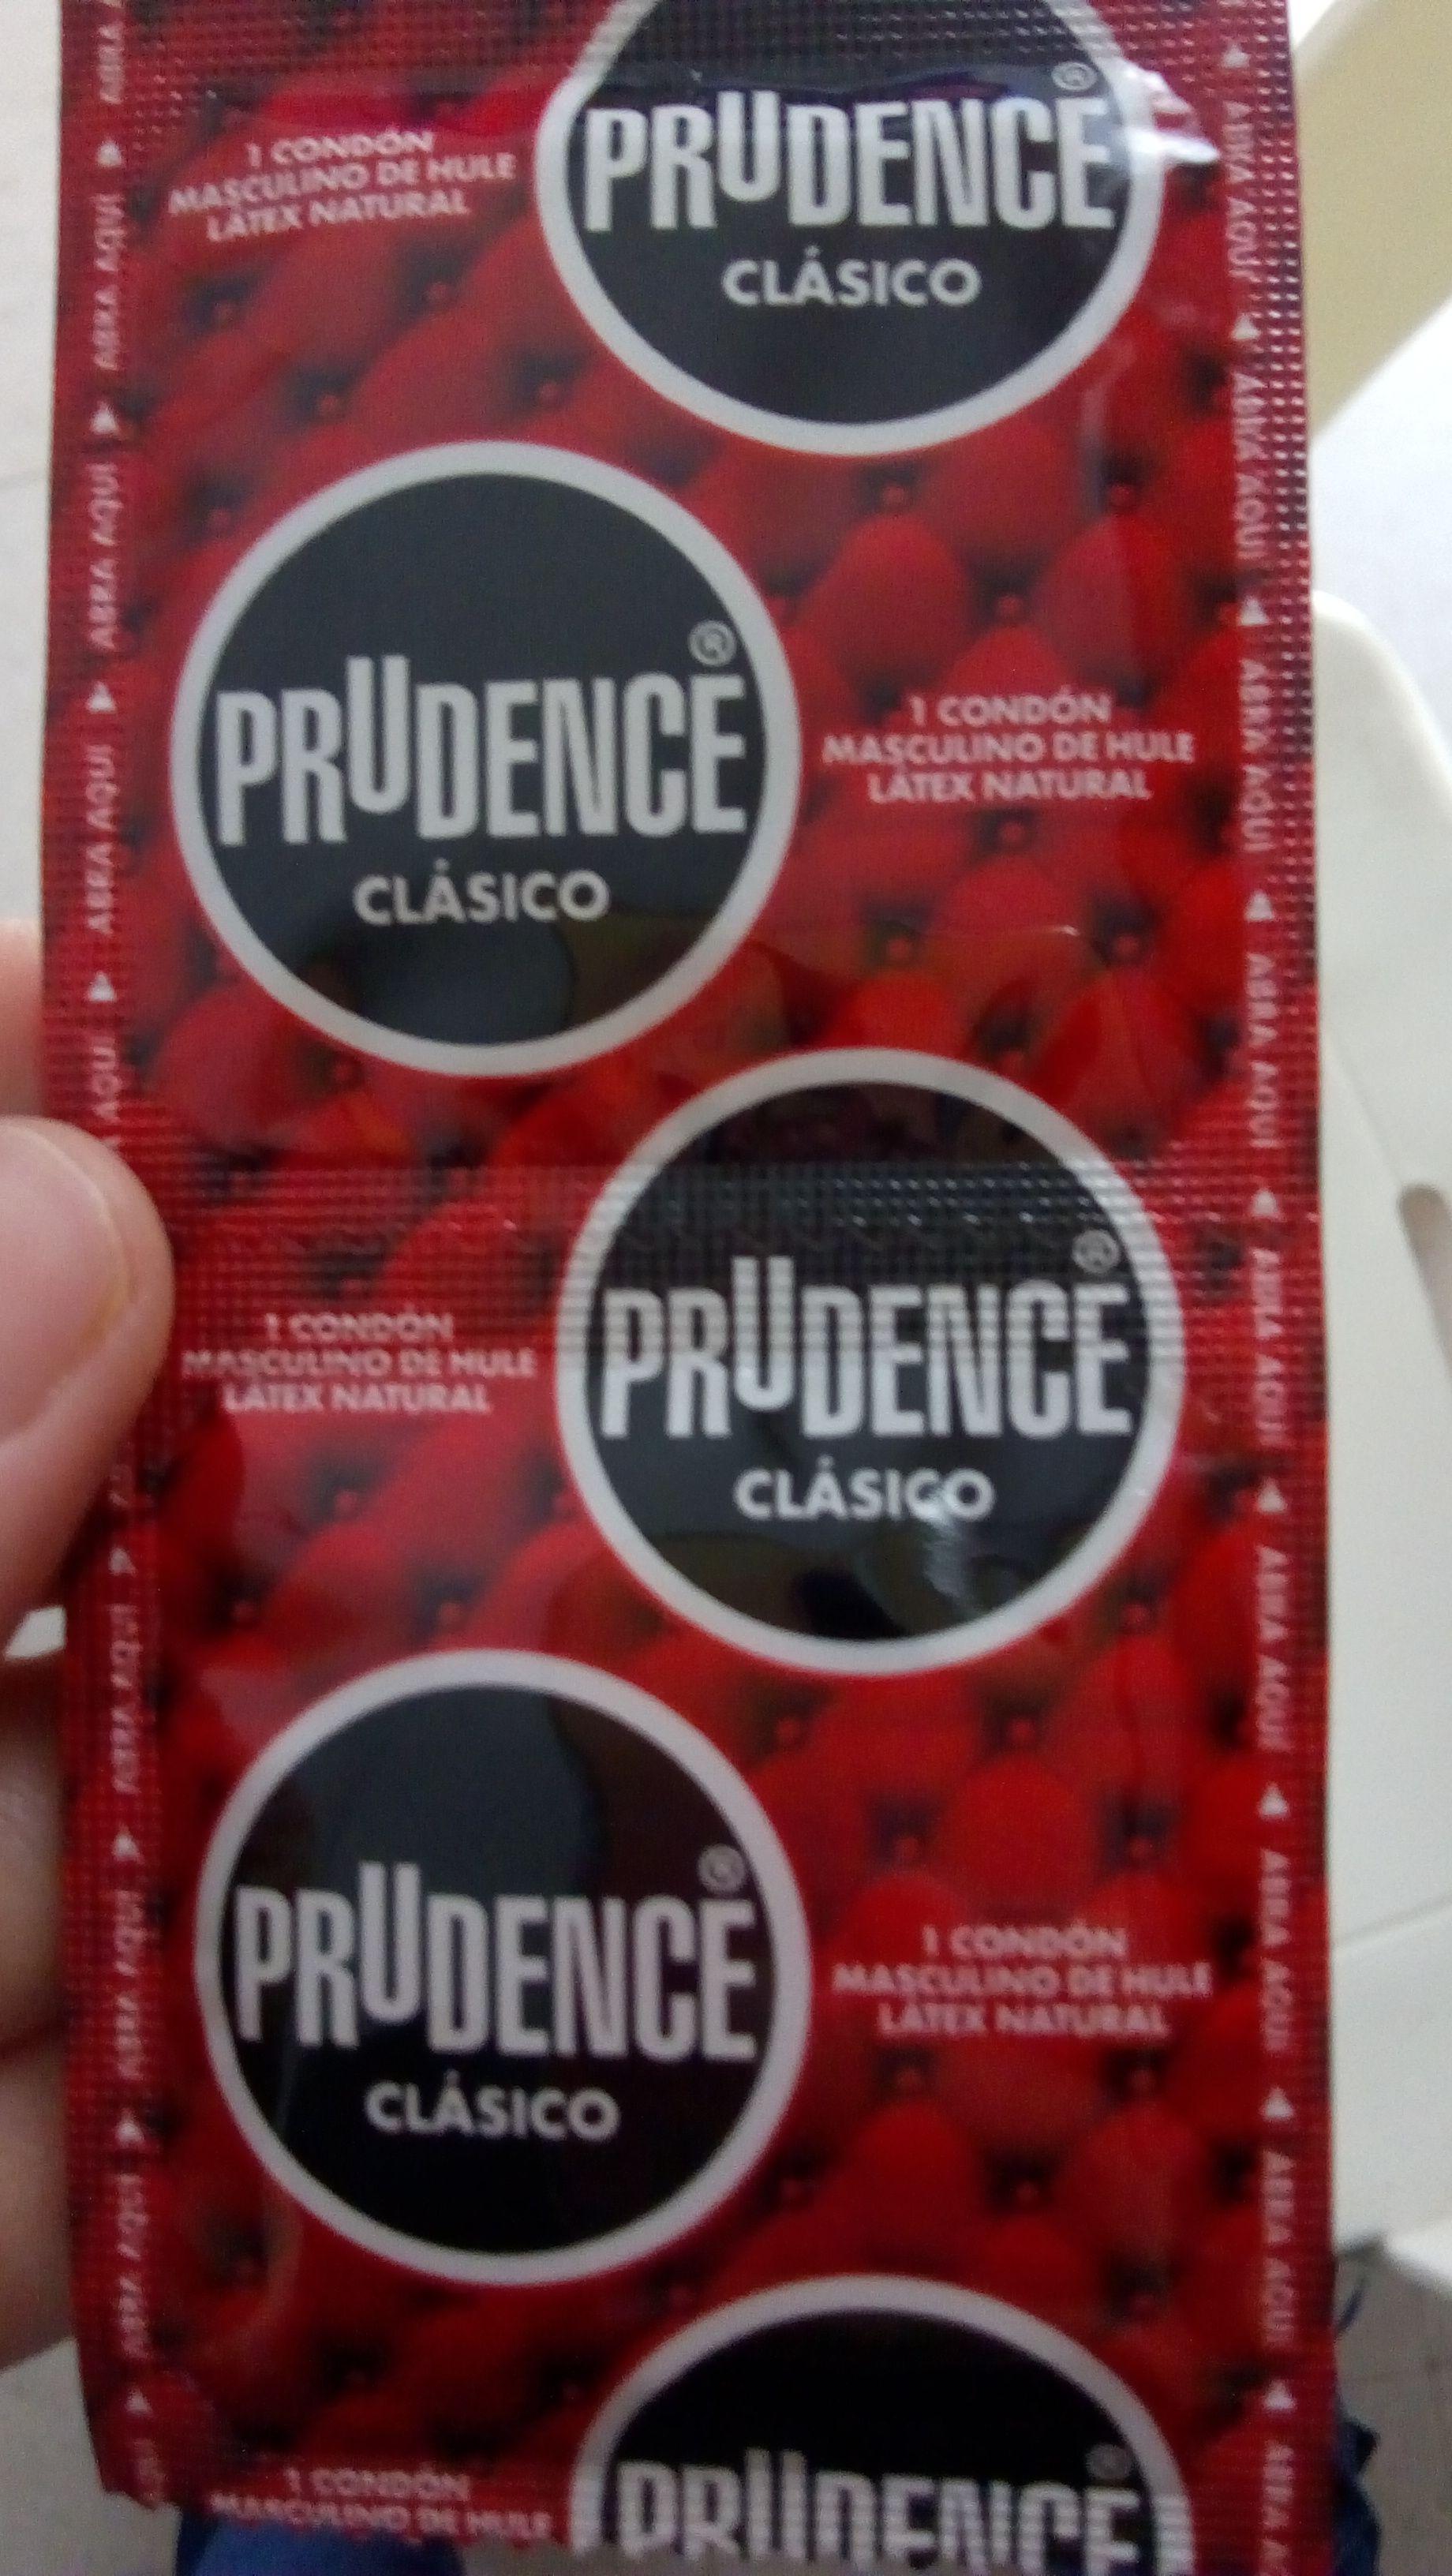 Soriana mercado: preservativos prudence con el 4x2